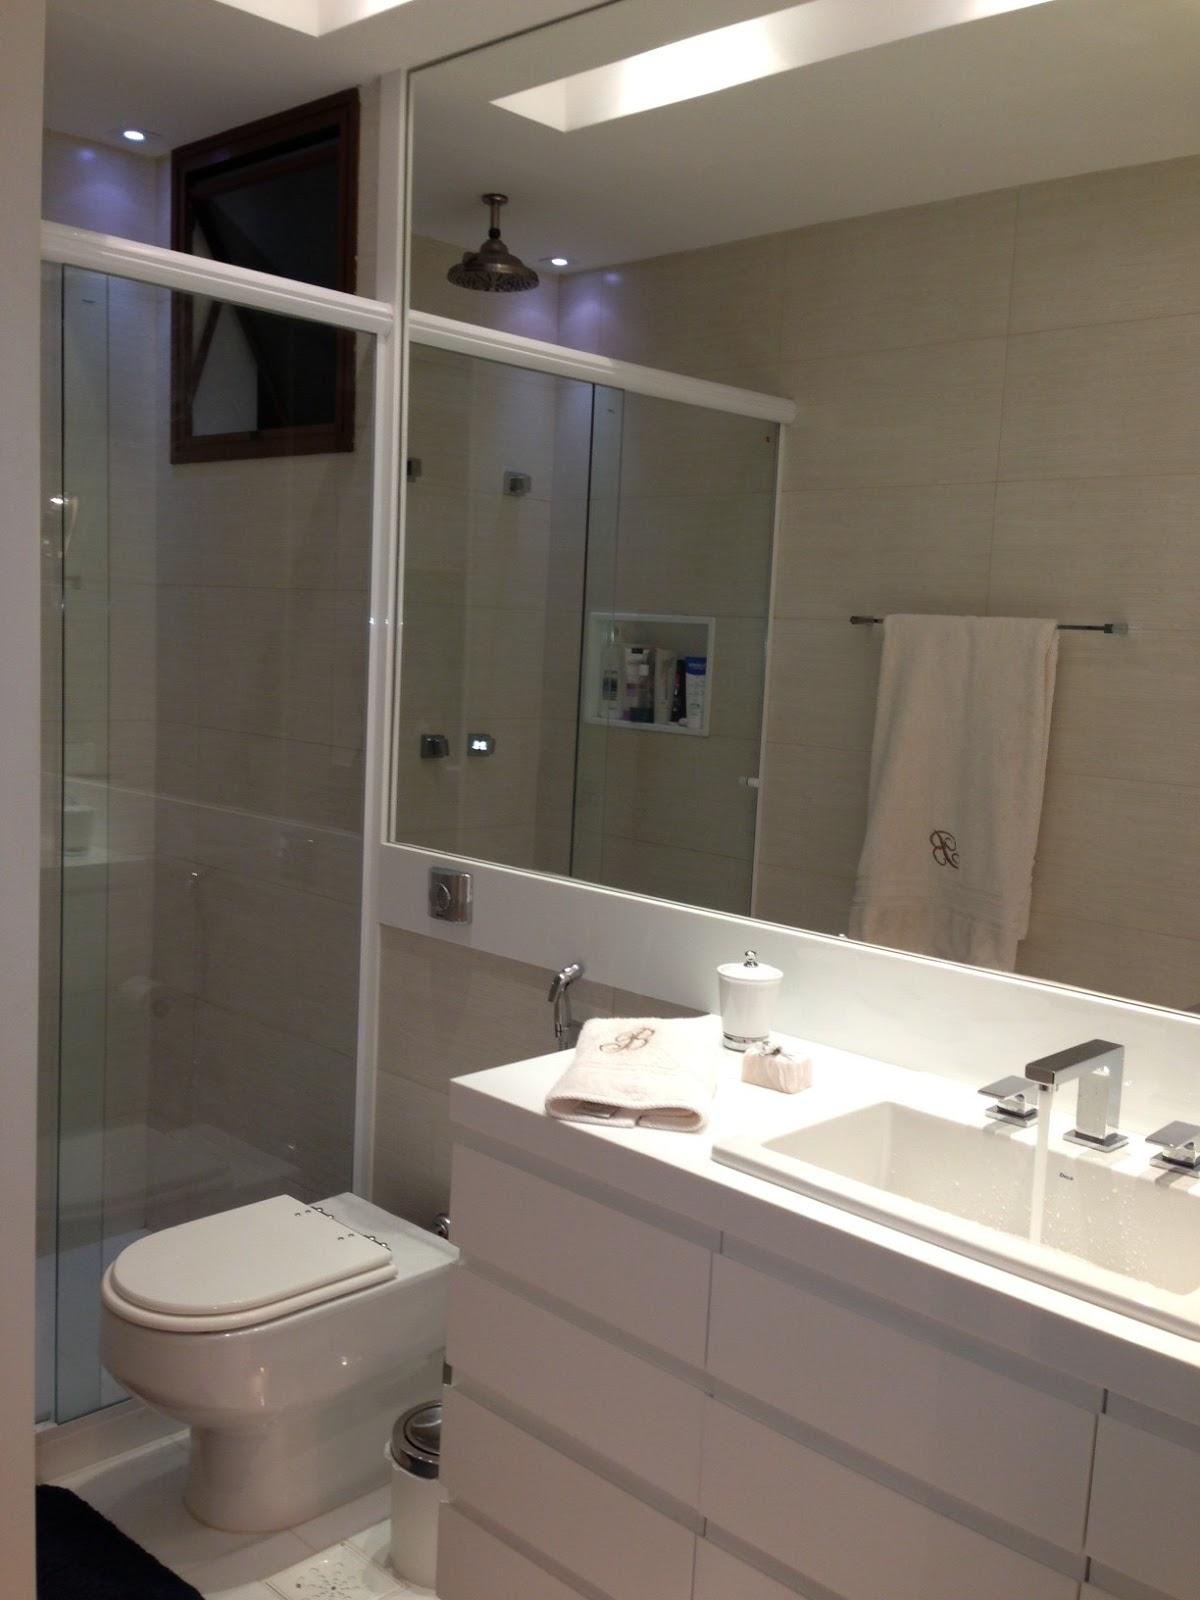 FCL.interiores: Banheiro bege e branco #80704B 1200x1600 Banheiro Branco Bege